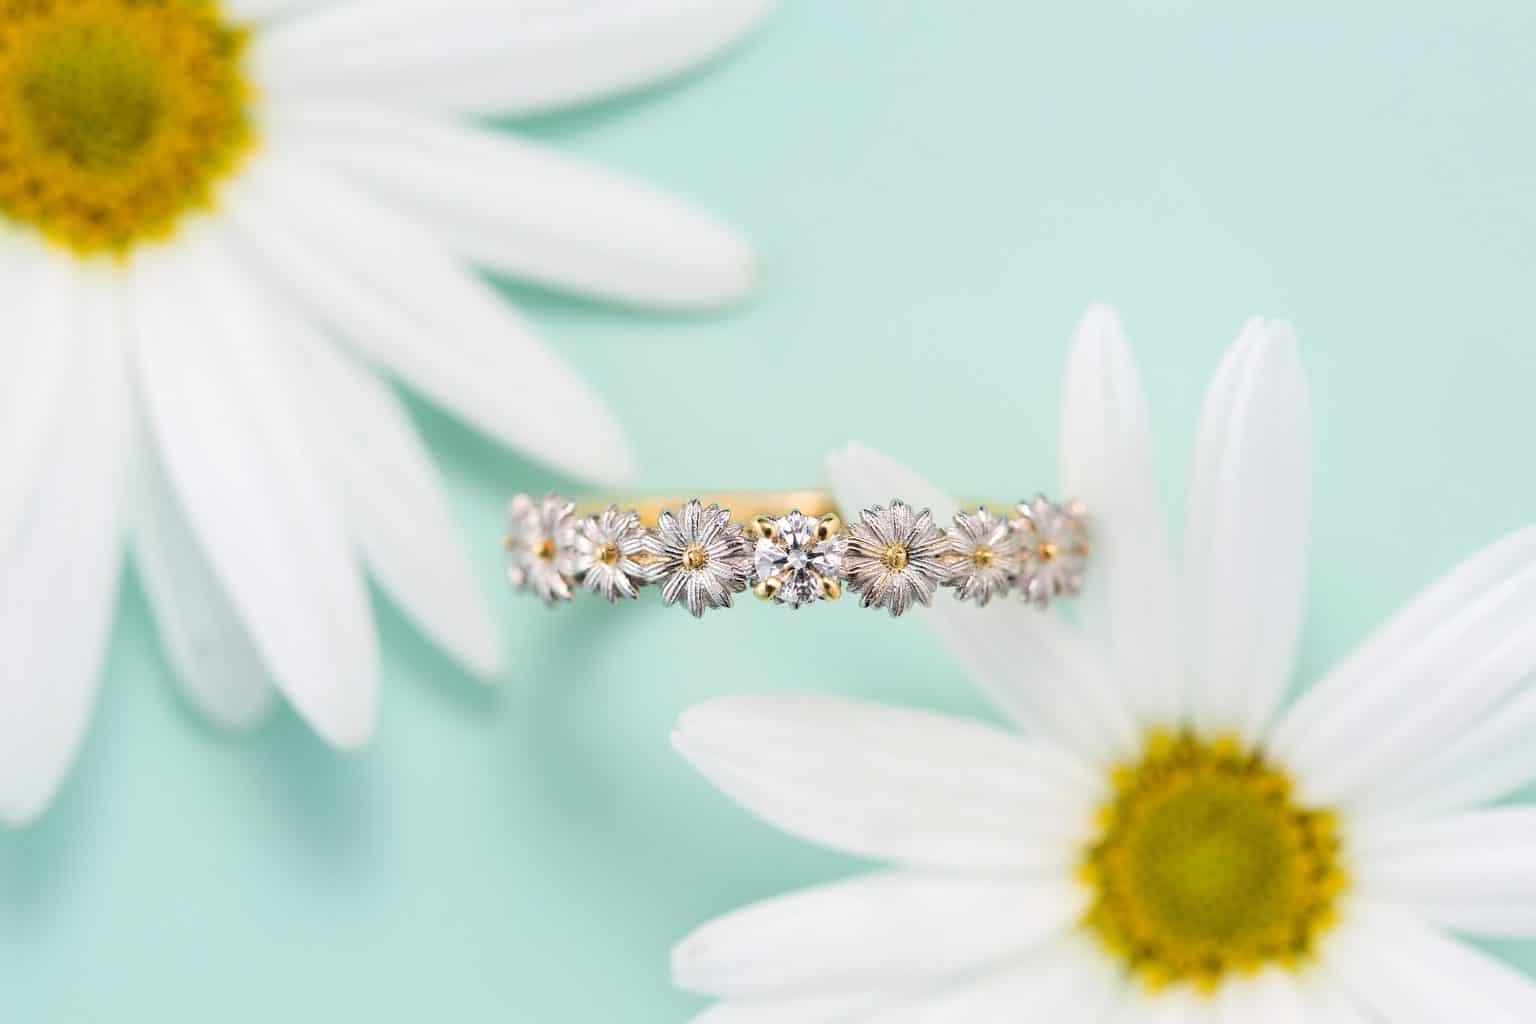 お店に行かず自宅で気軽に指輪が試着&購入できるブランドって?今なら「おうち結婚式セット」プレゼントも♡のカバー写真 0.6666666666666666